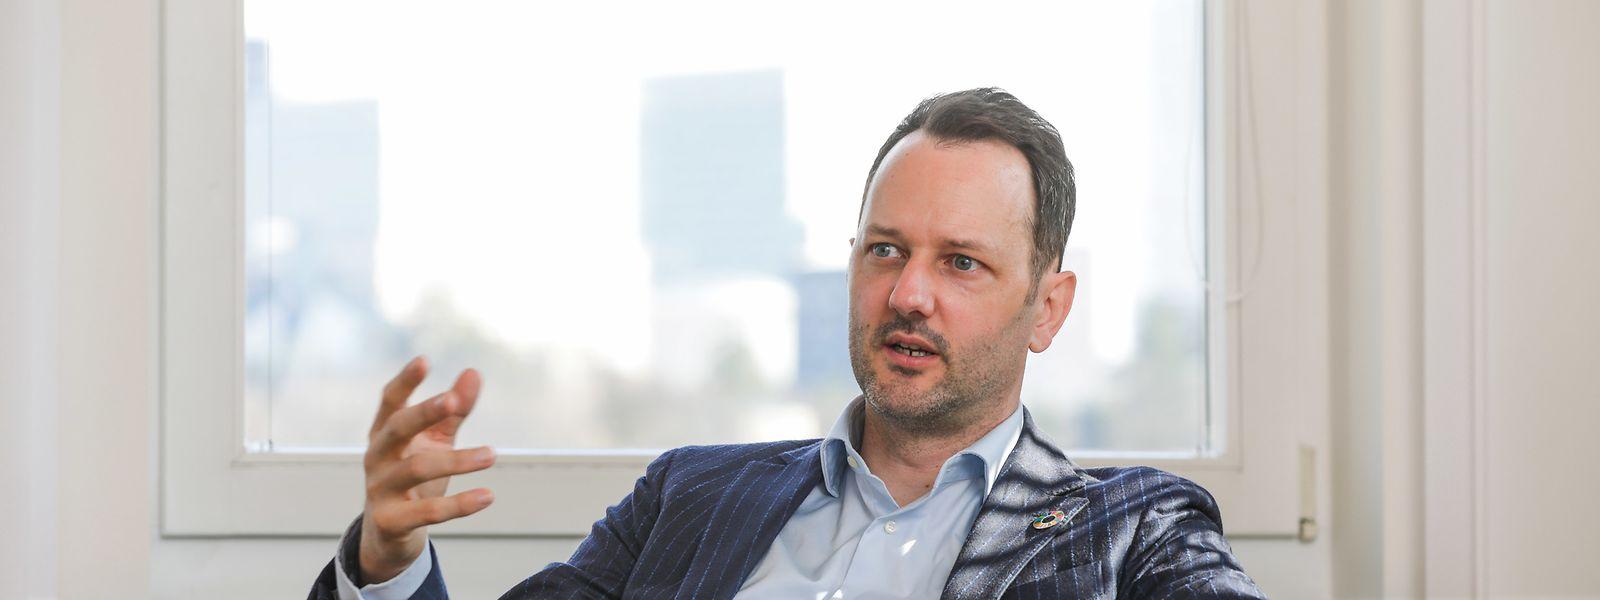 Mit 42 Jahren ist Christophe Schiltz der jüngste Präsident in der Geschichte des Staatsrats, einer Institution, die seit 1856 in der luxemburgischen Verfassung verankert ist.